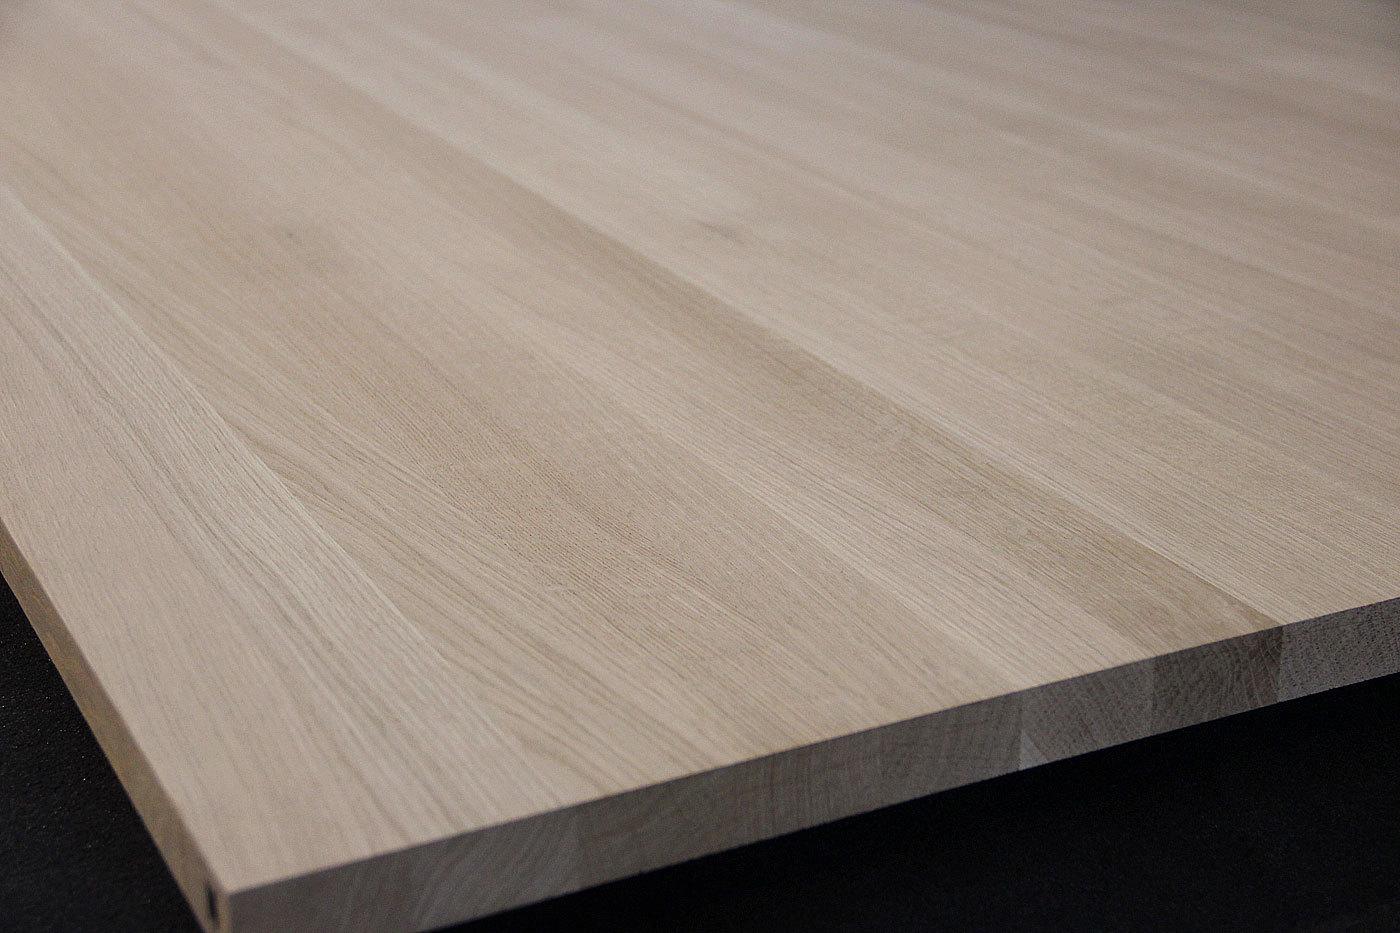 Mobelbauplatte Tischplatte Massivholz Eiche Dl 26 1025 1025